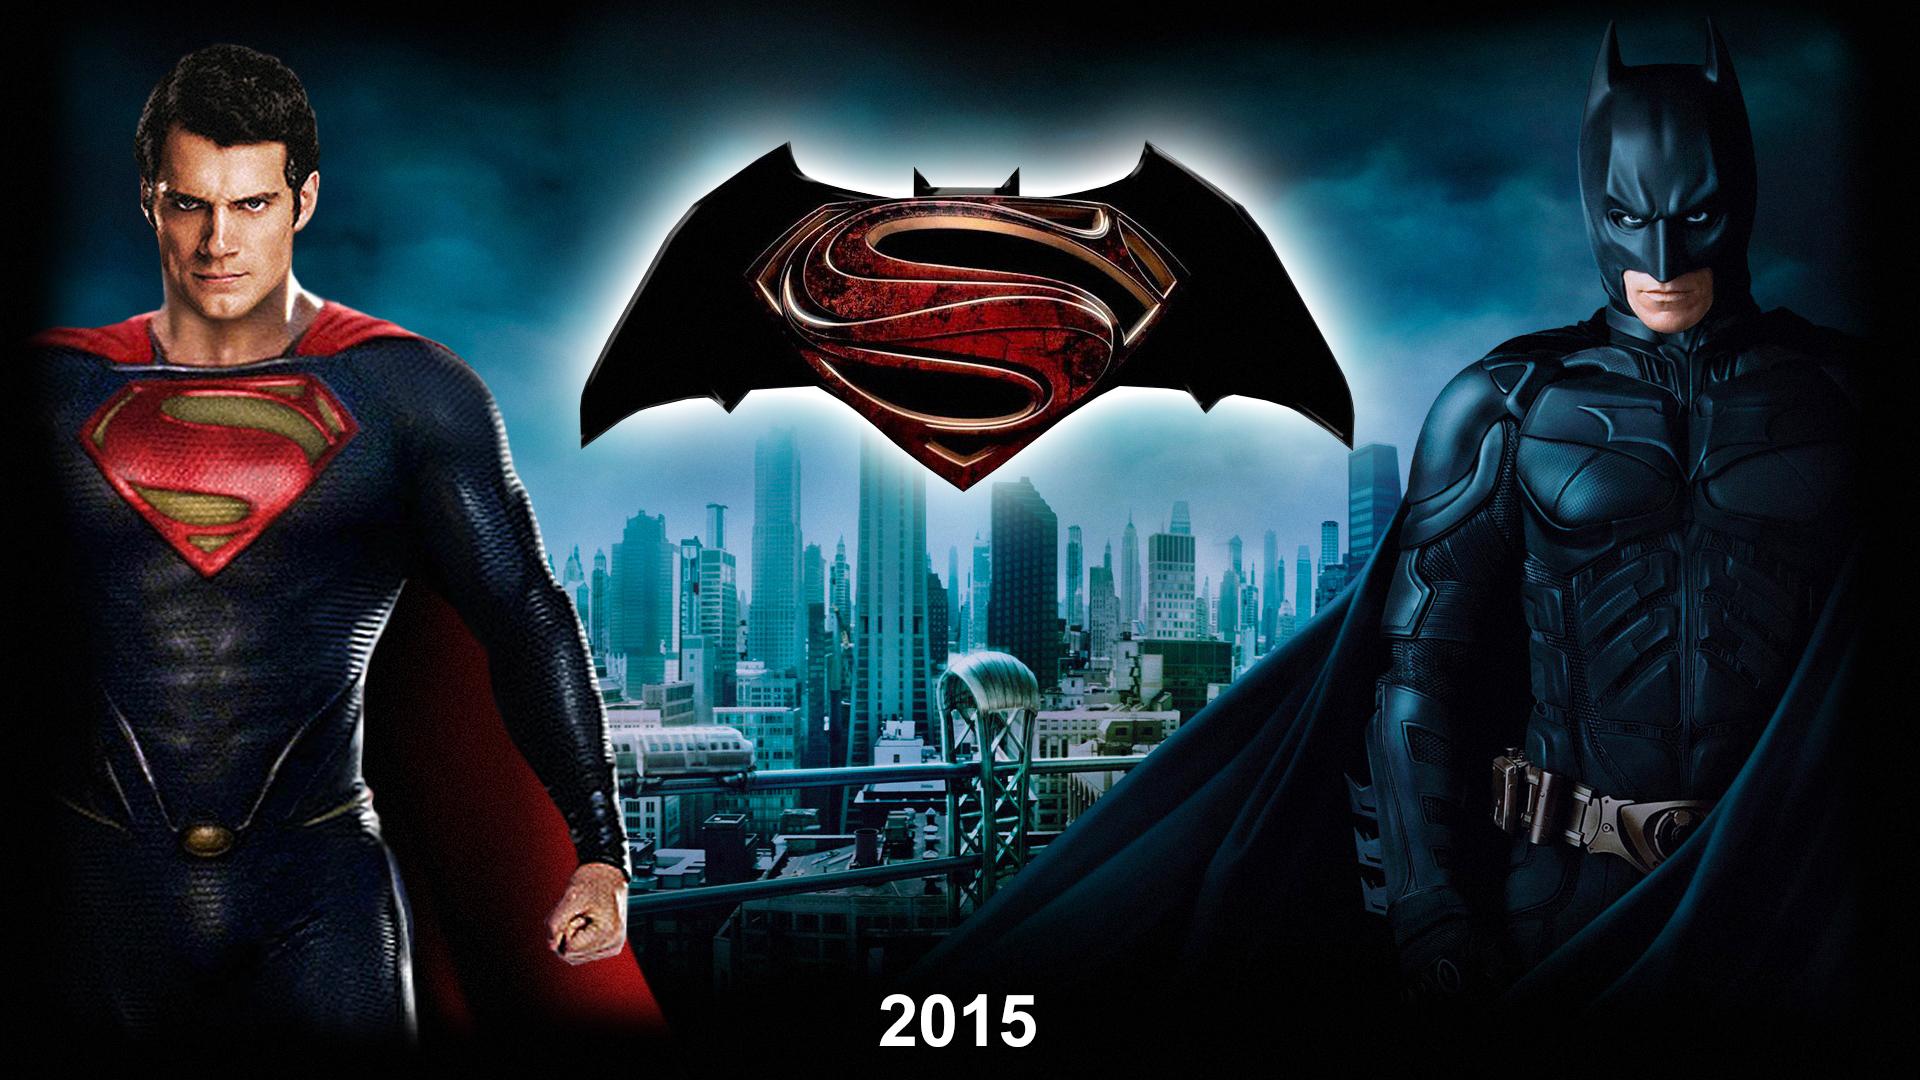 Batman VS Superman 2015 HD Wallpaper Batman VS Superman 2015 HD 1920x1080